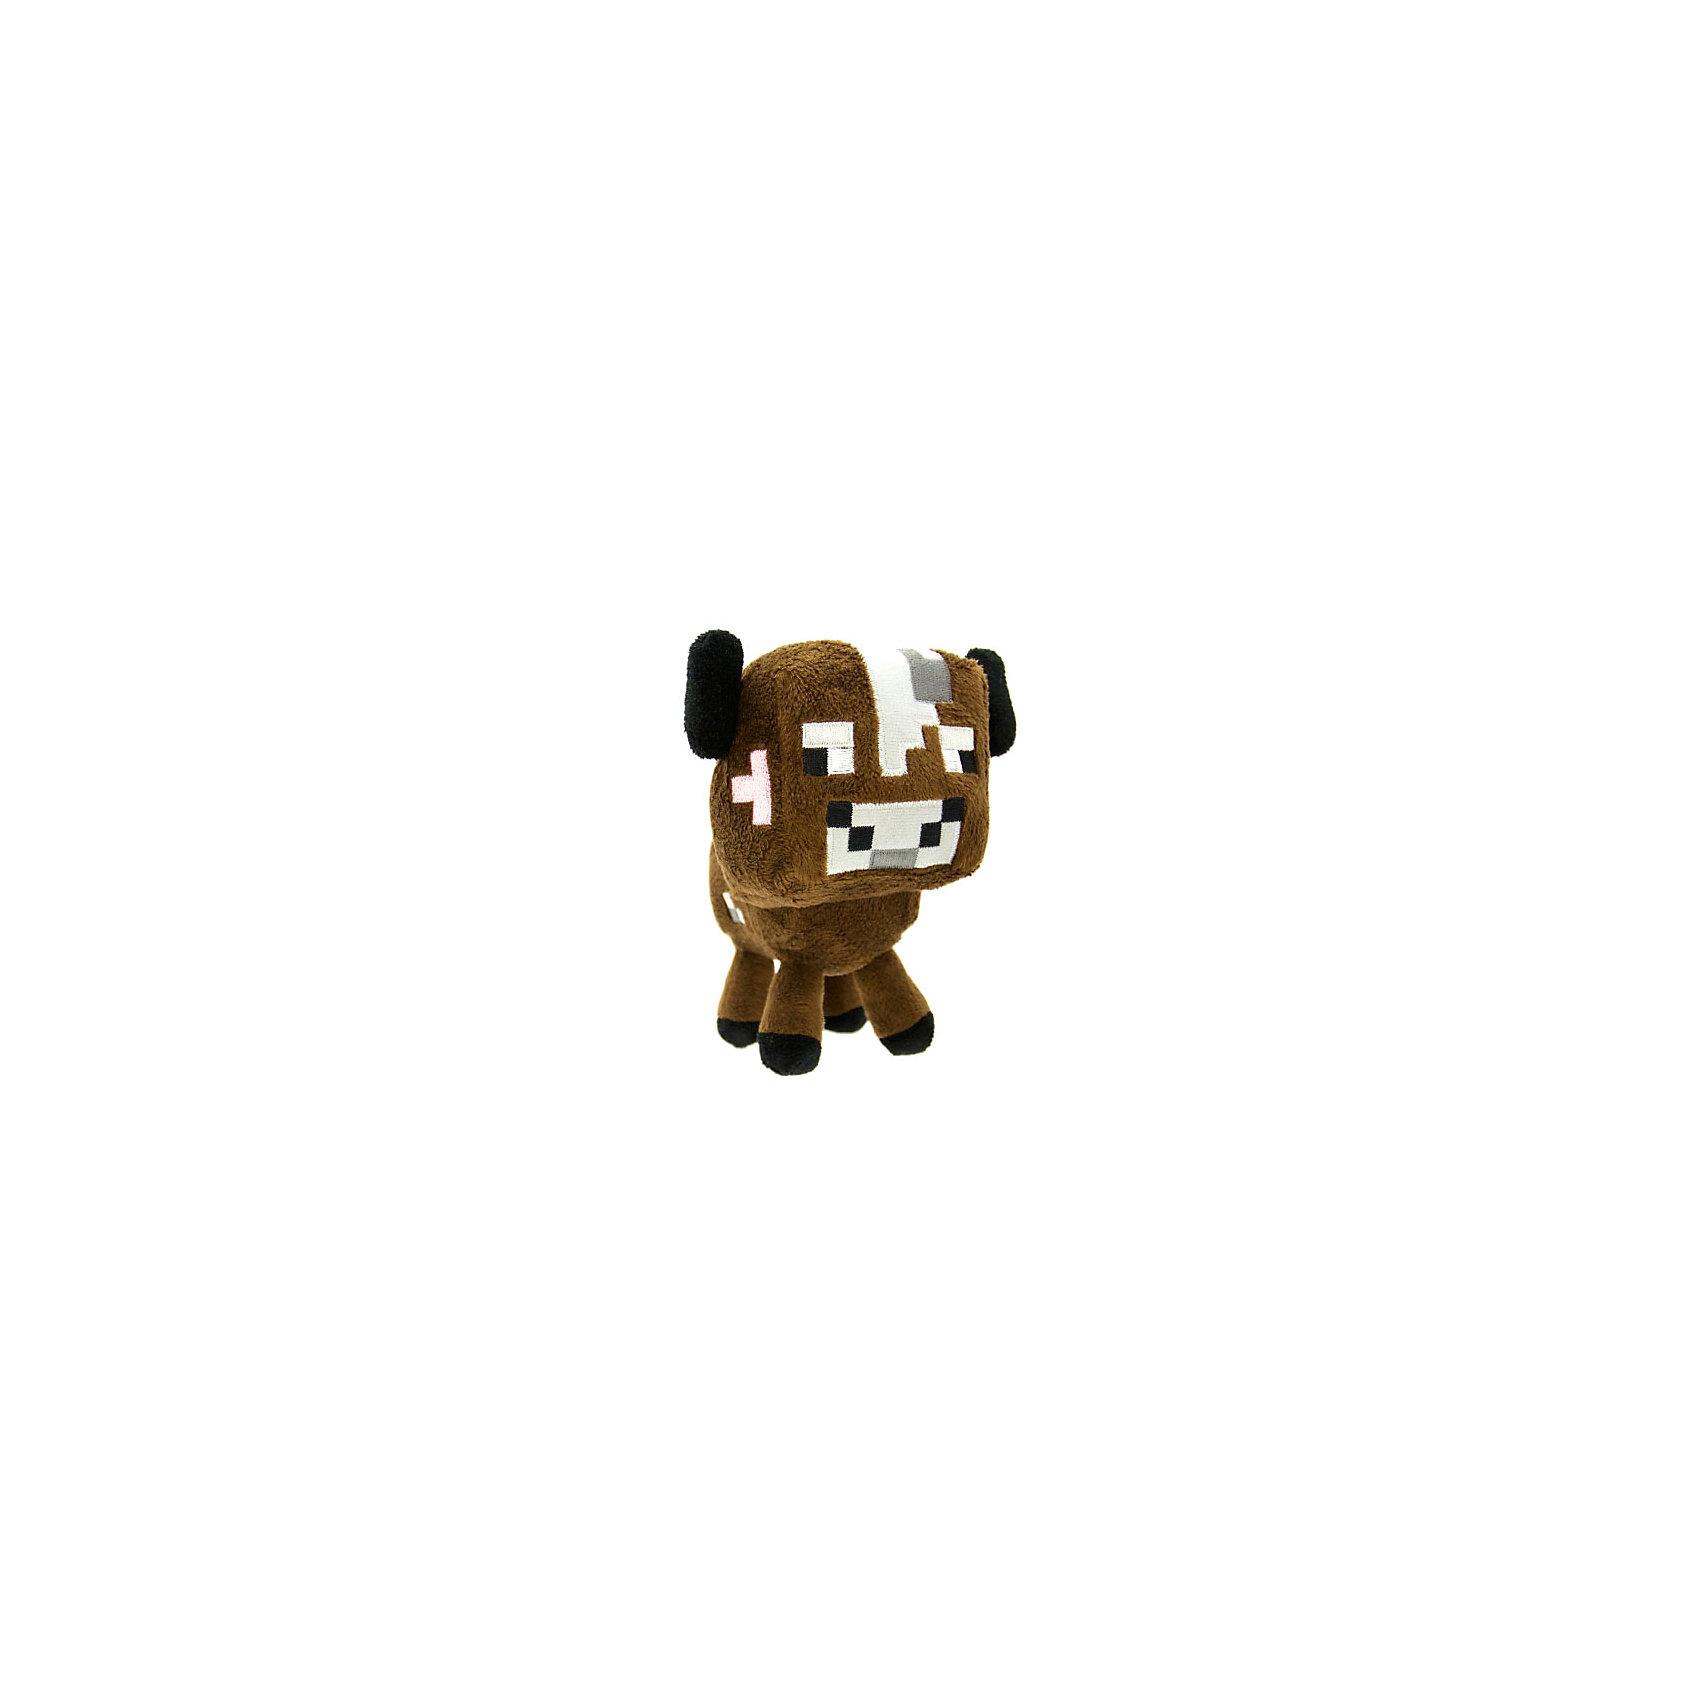 Jazwares Мягкая игрушка Детеныш грибной коровы, Minecraft, в ассортименте 3 мягкая игрушка minecraft летучая мышь bat 16536 jazwares